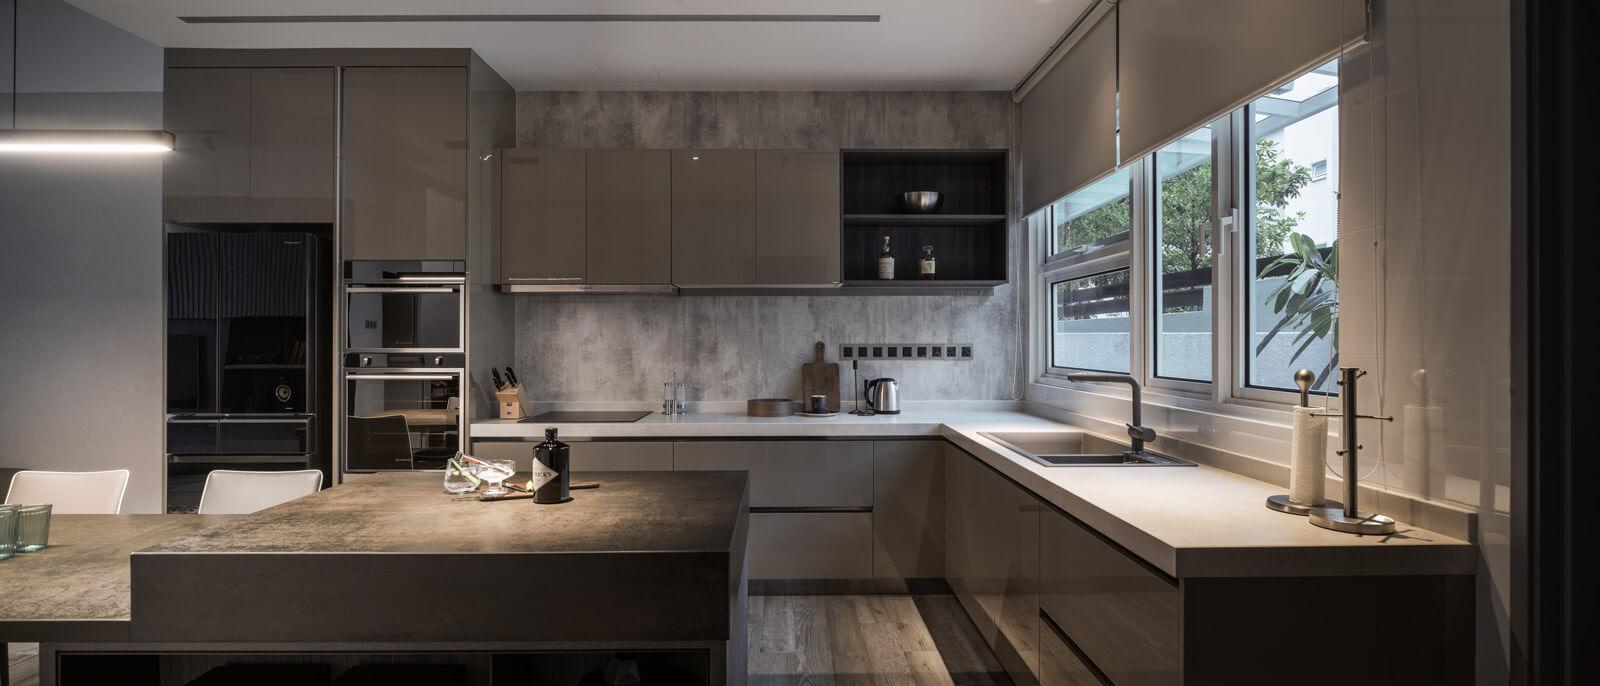 Interior Design Permai Gardens Villas Penang Malaysia Kitchen Design